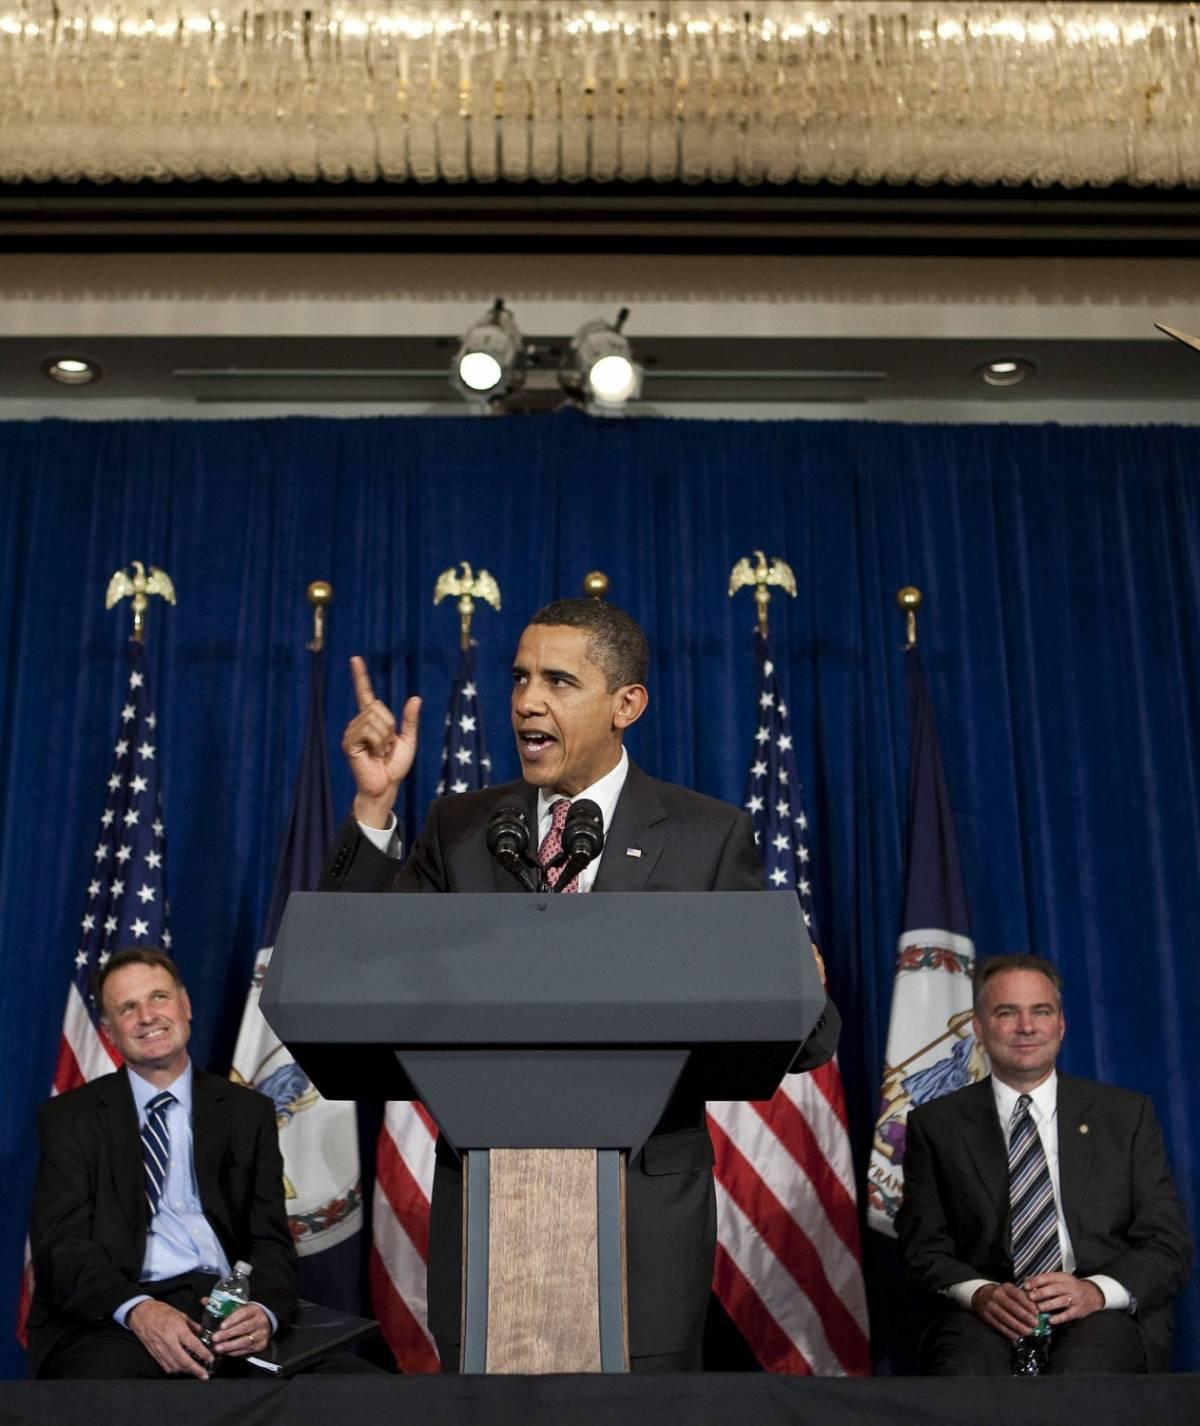 Barack Obama è un parassita. Il dubbio onore per il presidente